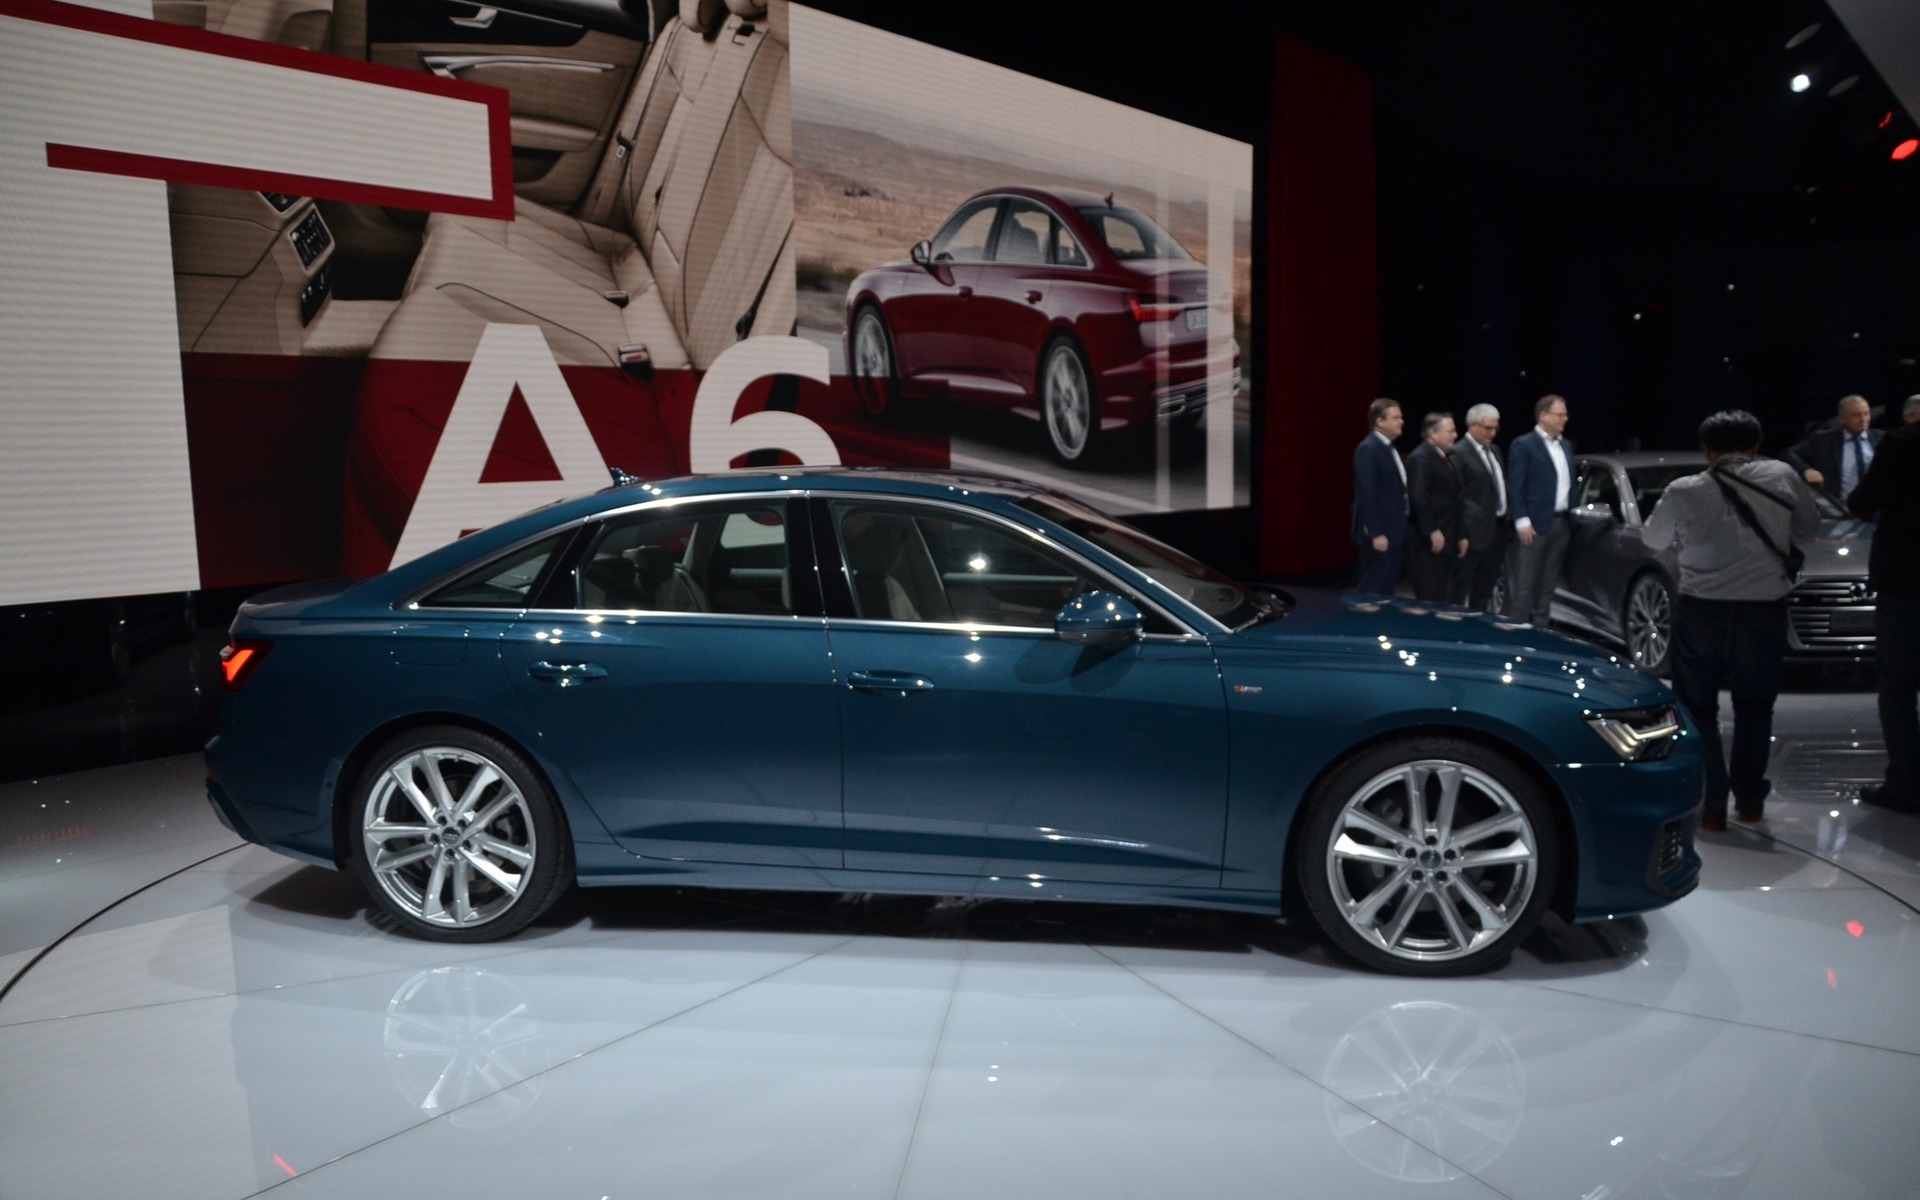 Audi A62019 - Une des stars de Genève.